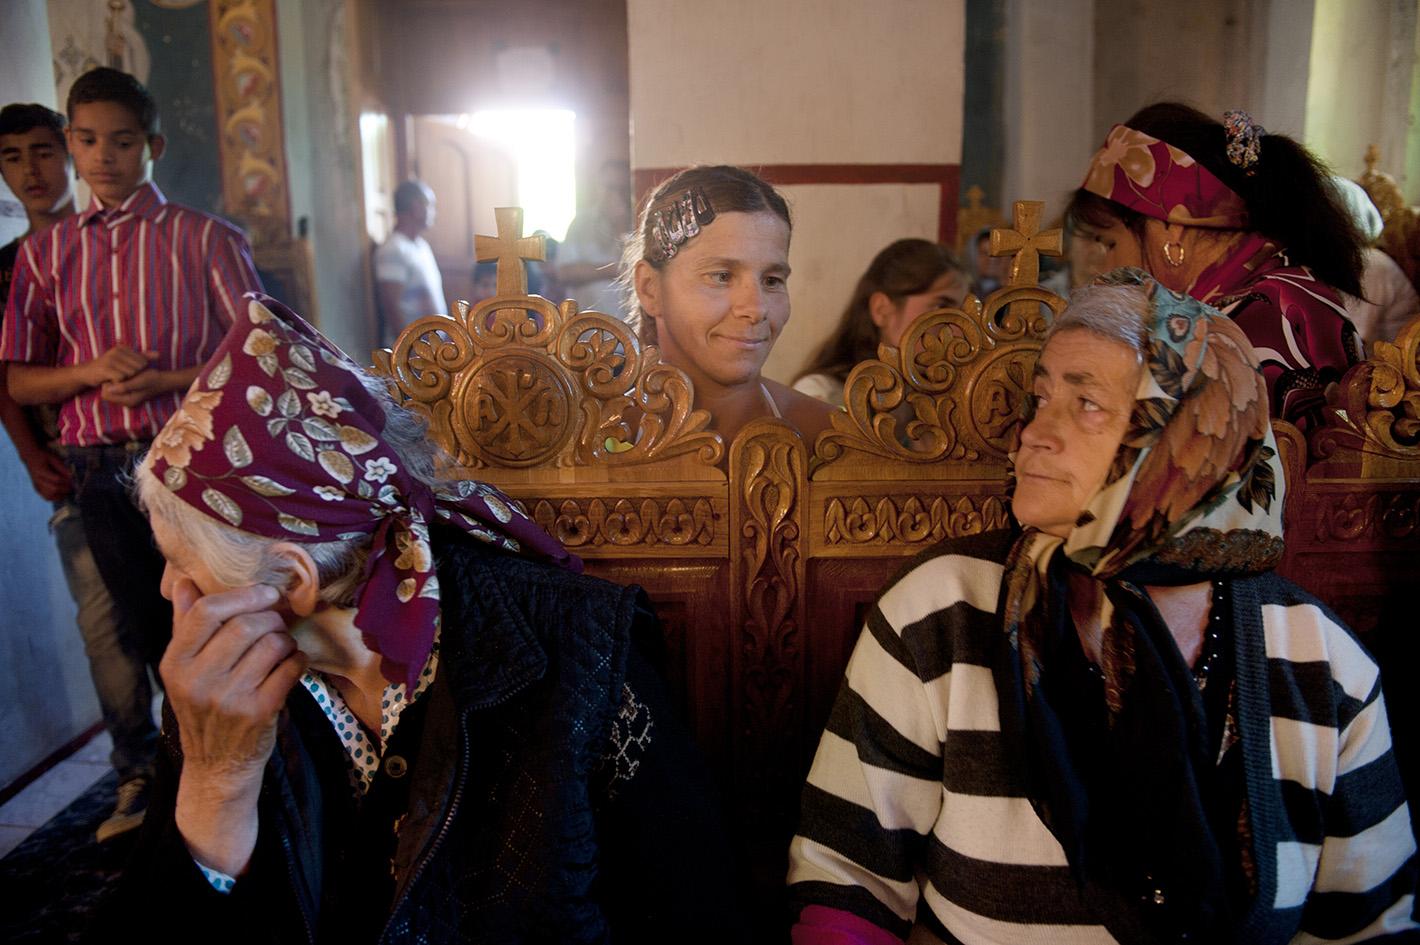 Commune in Roemenie dat bestaat uit een straat met 8 huizen. Per huis is er een andere bevolkingsgroep. Het is een streng orthodoxe gemeenschap waarbij een Pater Familias (Father Tanase) jongeren, weeskinderen, mentaal gehandicapte mensen, misbruikte vrouwen of mannen samenbrengt in een commune waar ze onderdak en eten krijgen. © An-Sofie Kesteleyn